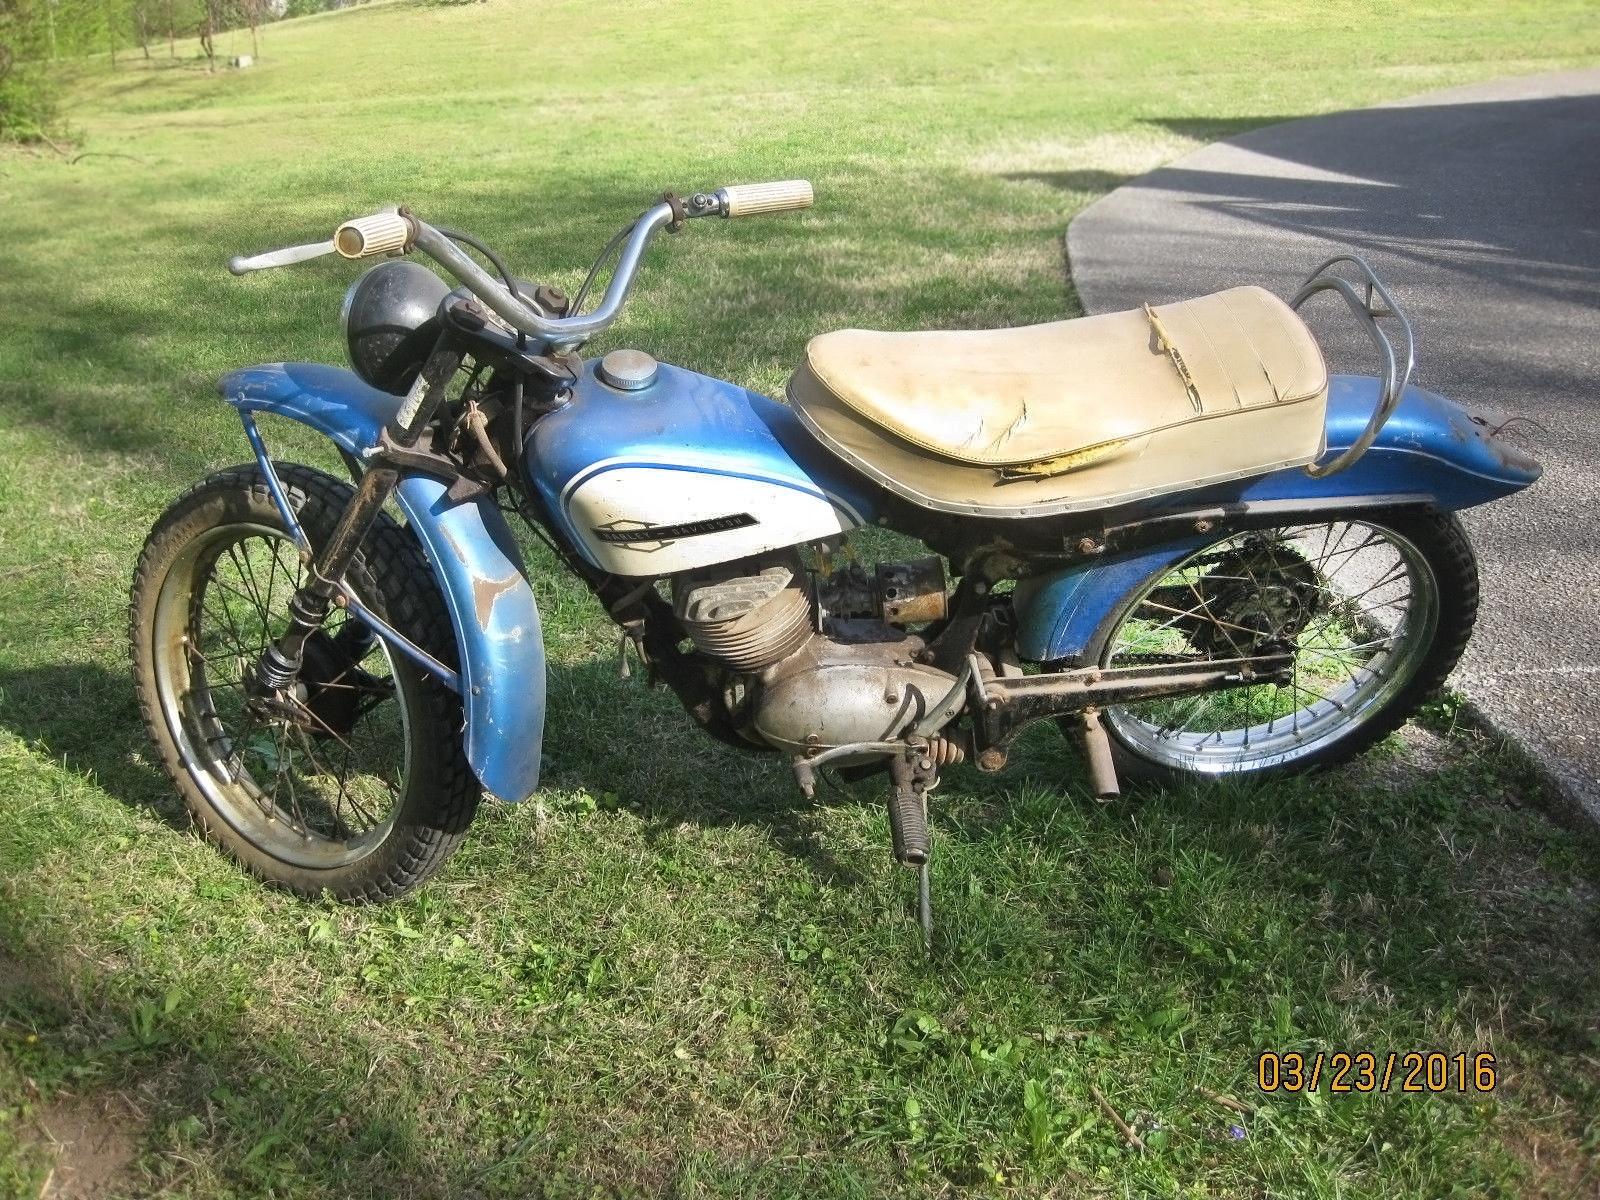 Milwaukee DKW 1964 Harley Davidson Scat